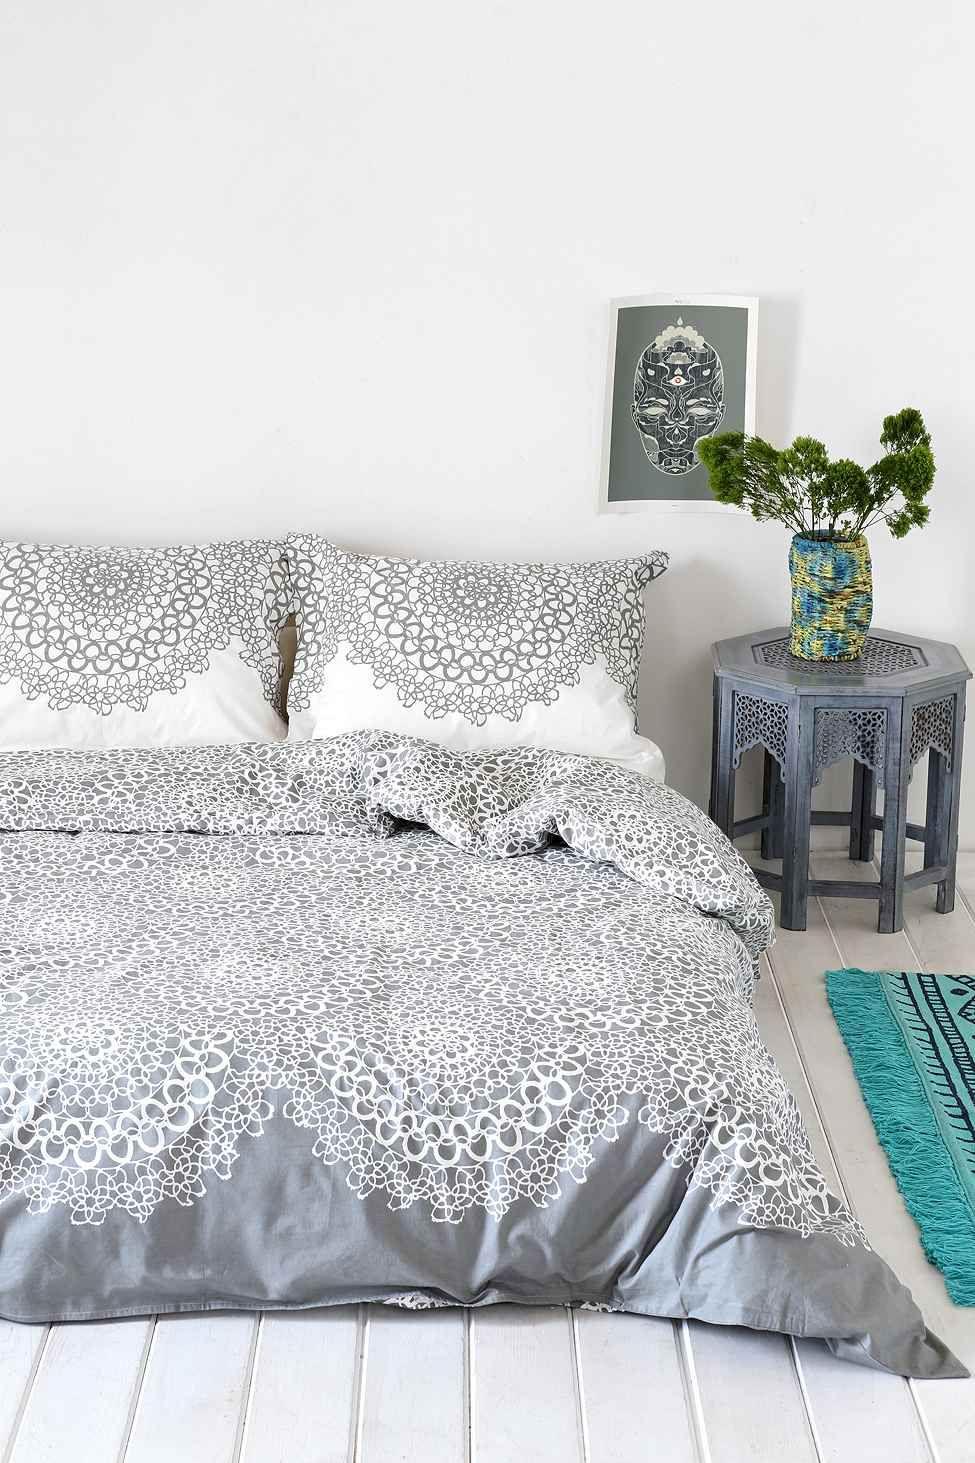 Gossamer Double Duvet Cover in Grey For the Home Pinterest